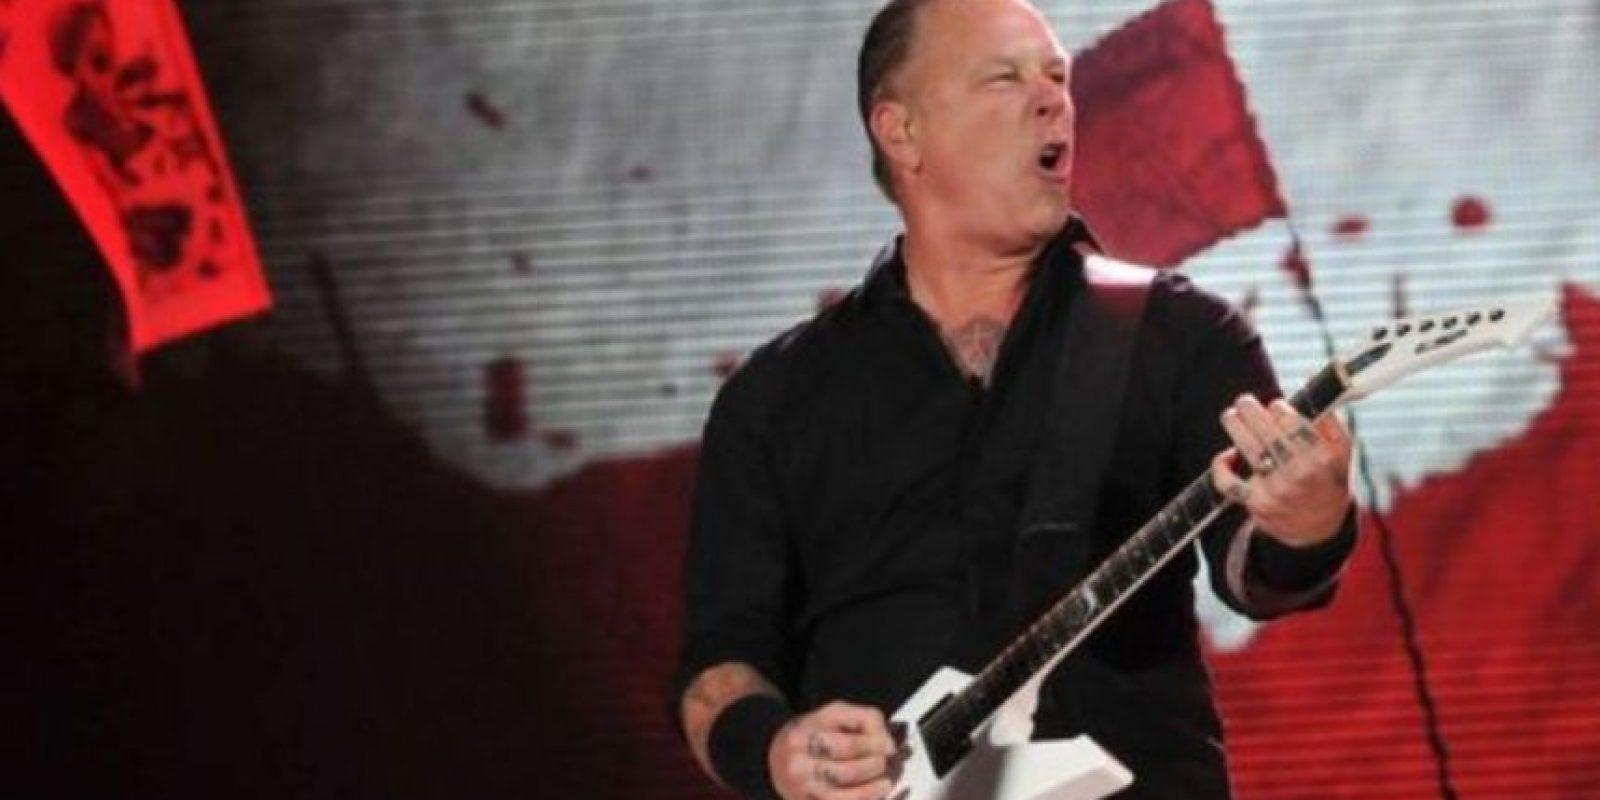 Metallica: En una aduana, las autoridades no dejaron entrar a una niña sueca por tener este nombre. Tuvieron que cambiar de opinión luego de que sus padres les explicaron que ese era su nombre real. Foto:vía Getty Images